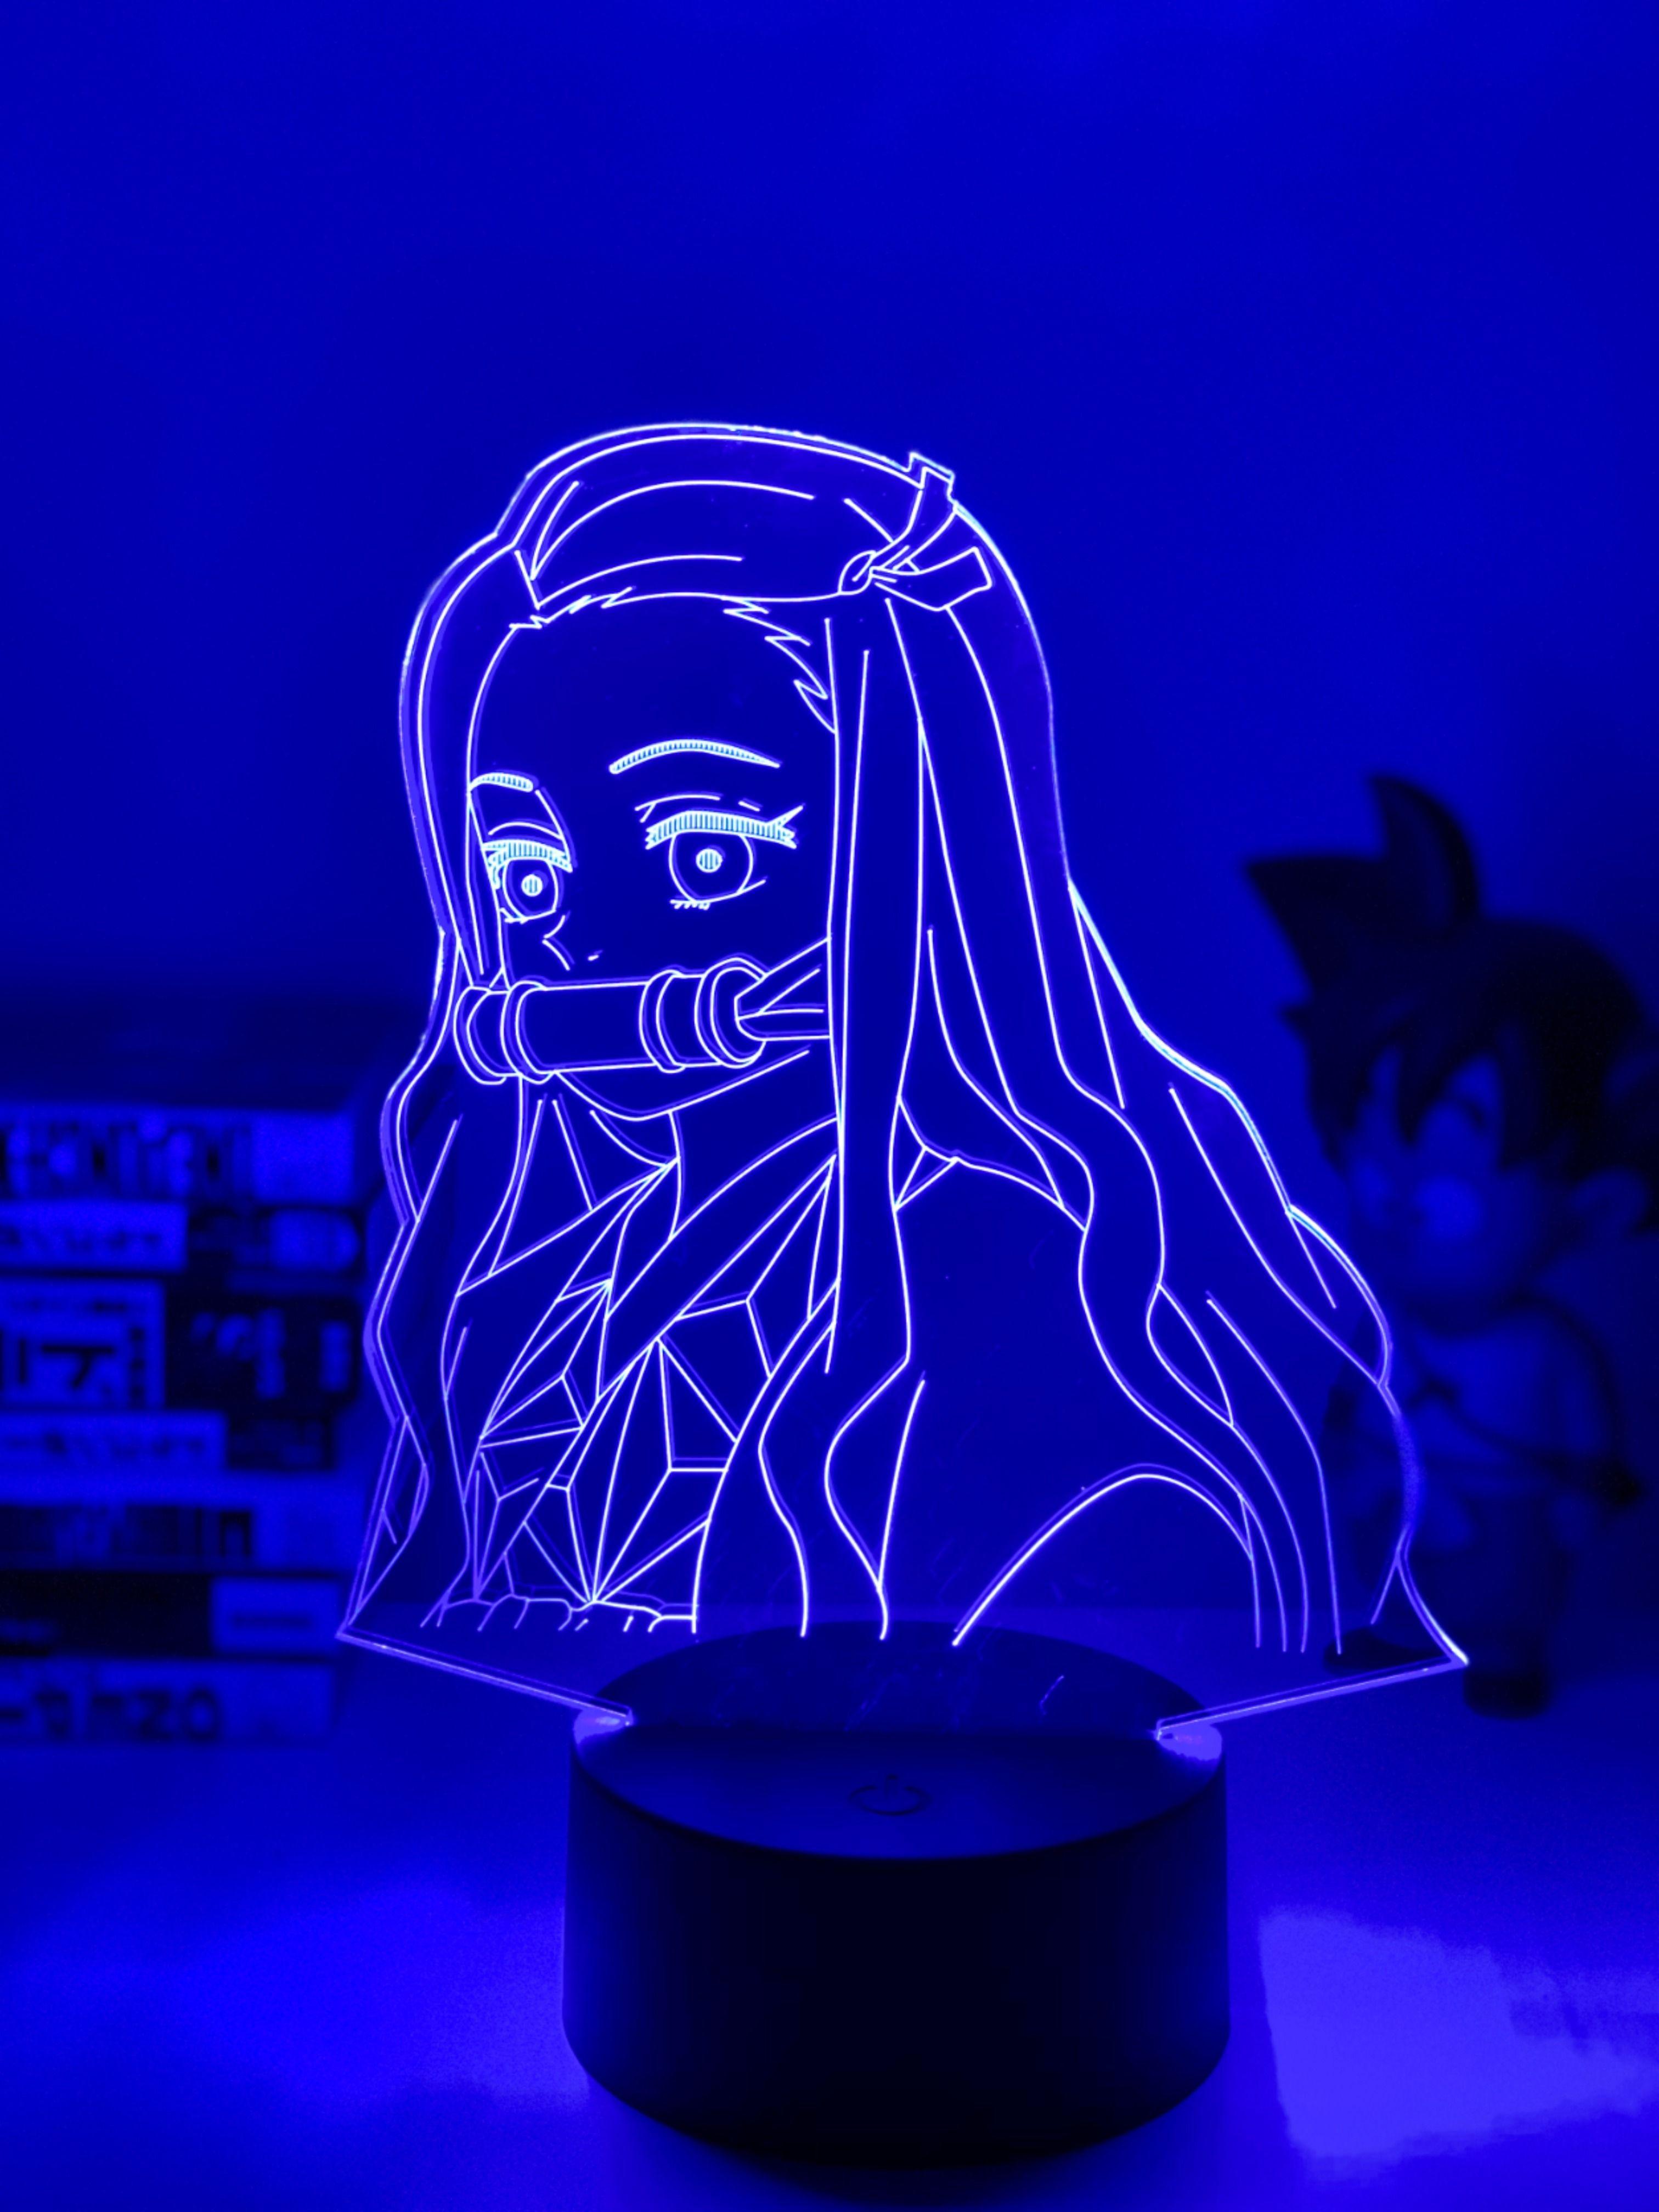 Nezuko Led Lamp In 2020 Night Light Kids Anime Baby Blue Aesthetic